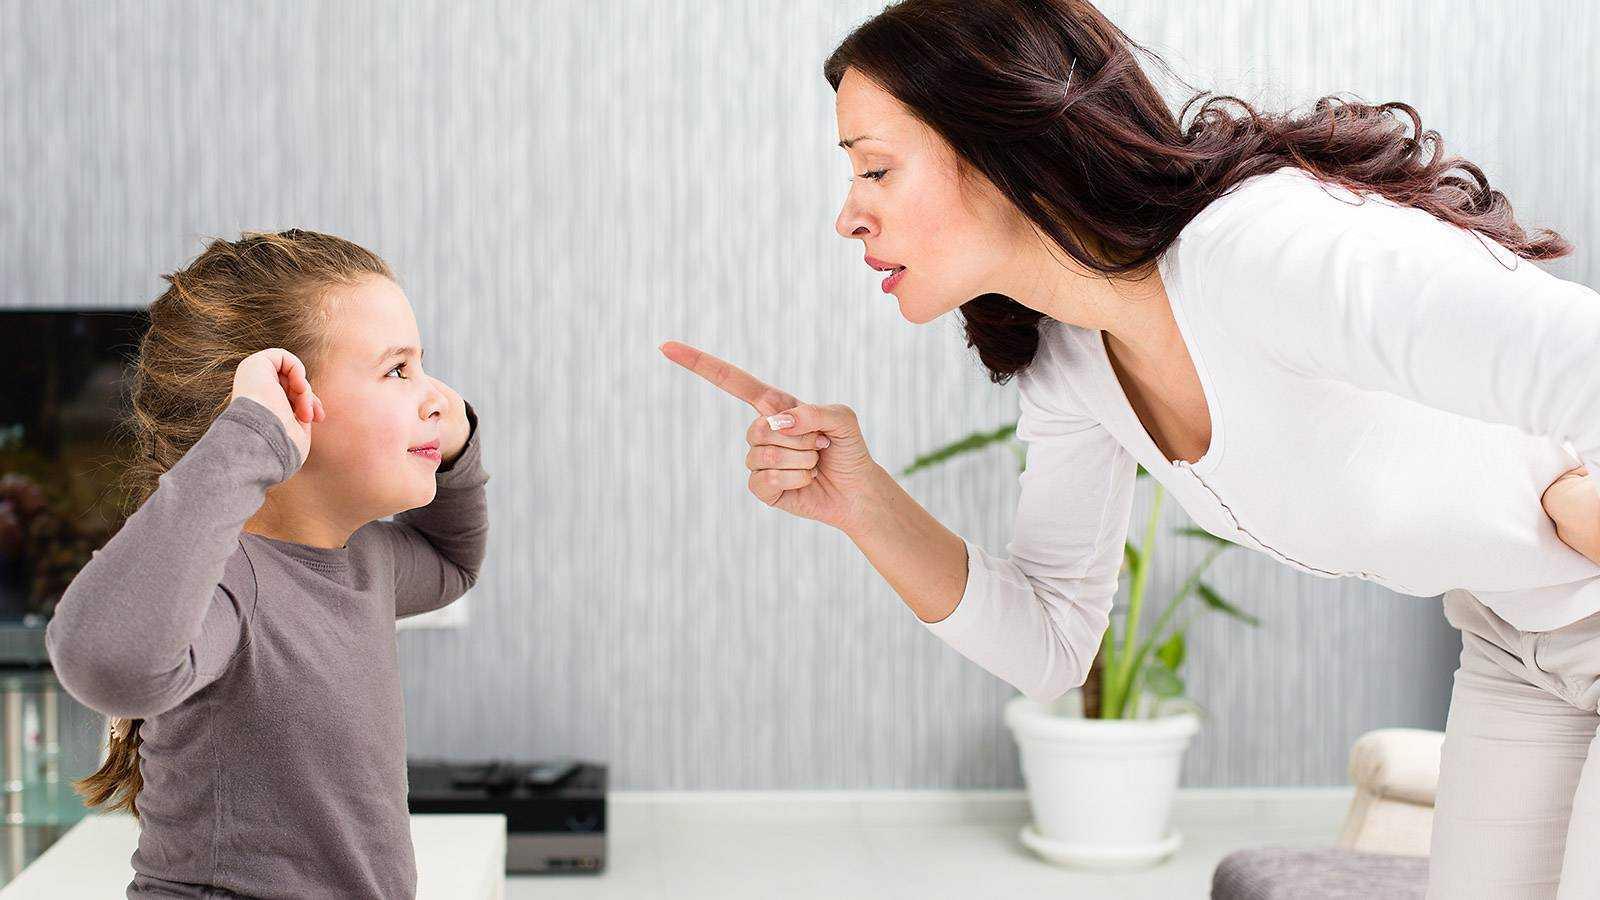 Психоэмоциональное состояние матери и ребенка. эмоциональное состояние мамы в депрессии после родов